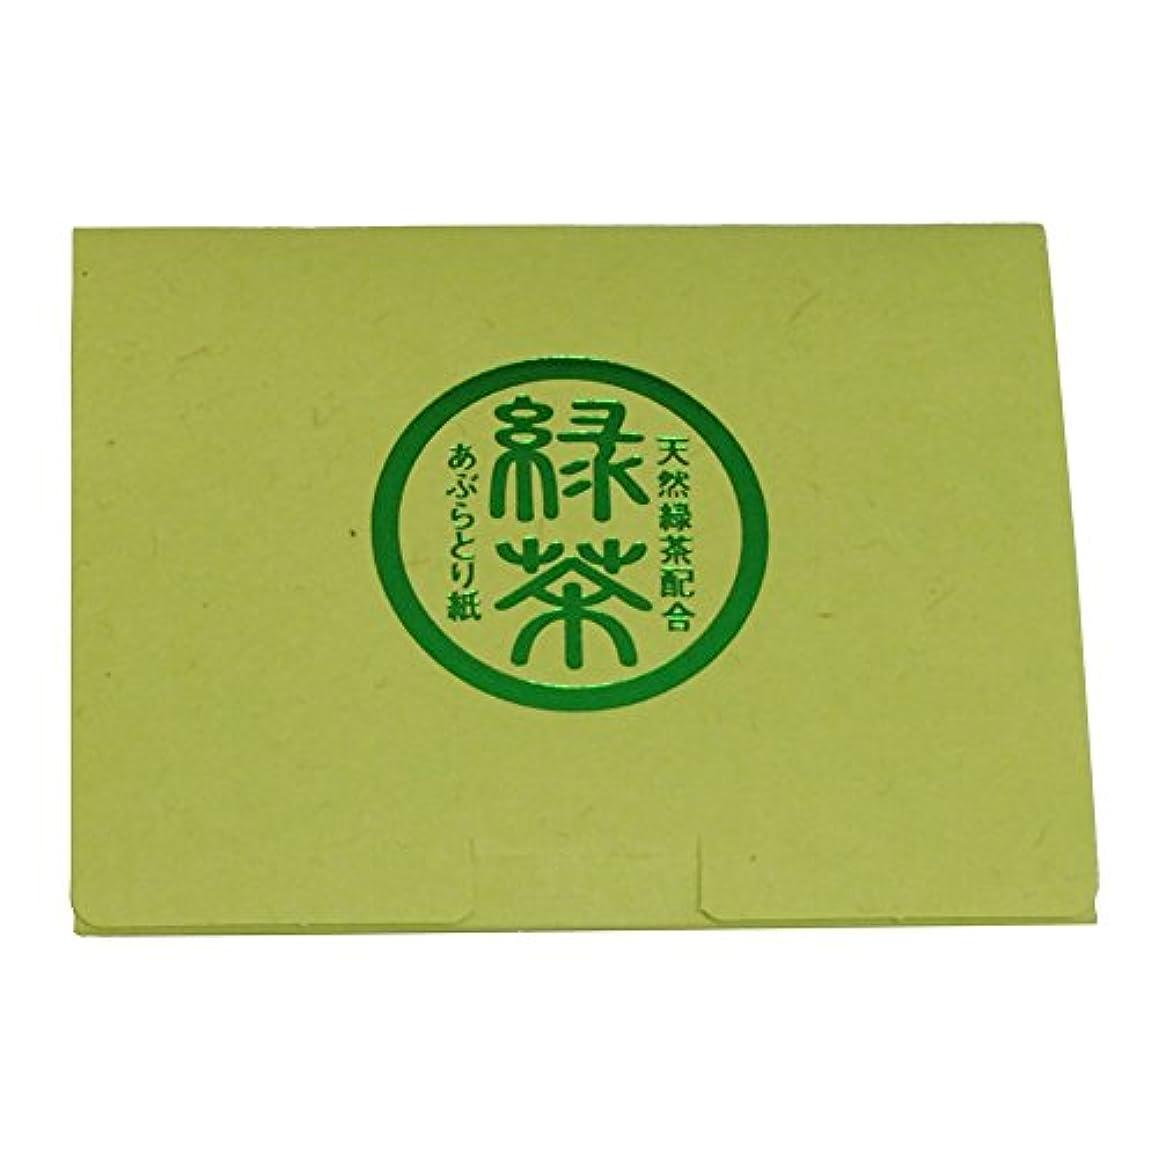 受け皿彼女提案米長 天然緑茶配合 あぶらとり紙 高級 日本製 100枚入り 5個セット